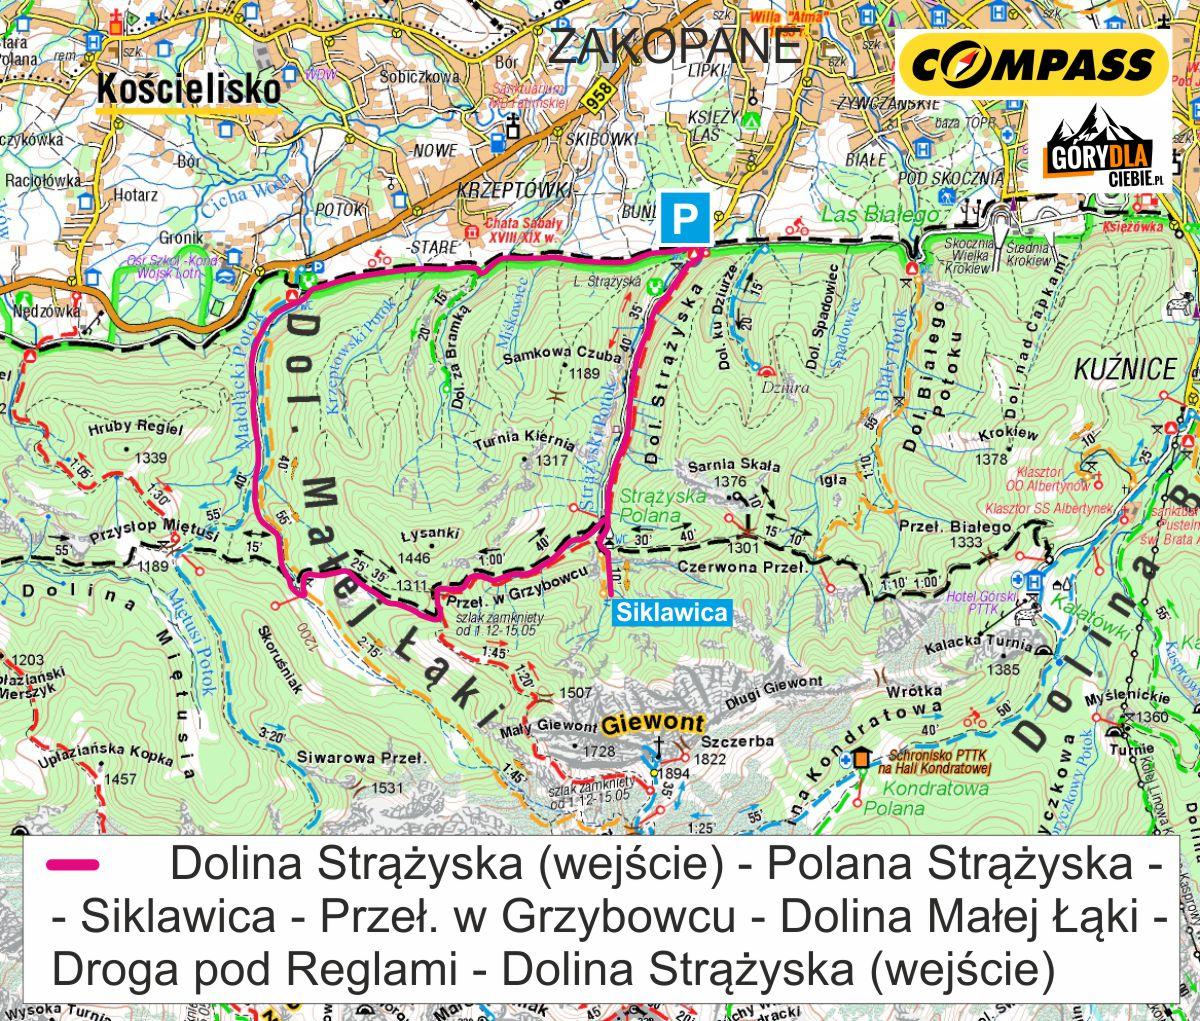 Z Doliny Strążyskiej doDoliny Małęj Łąki - mapa